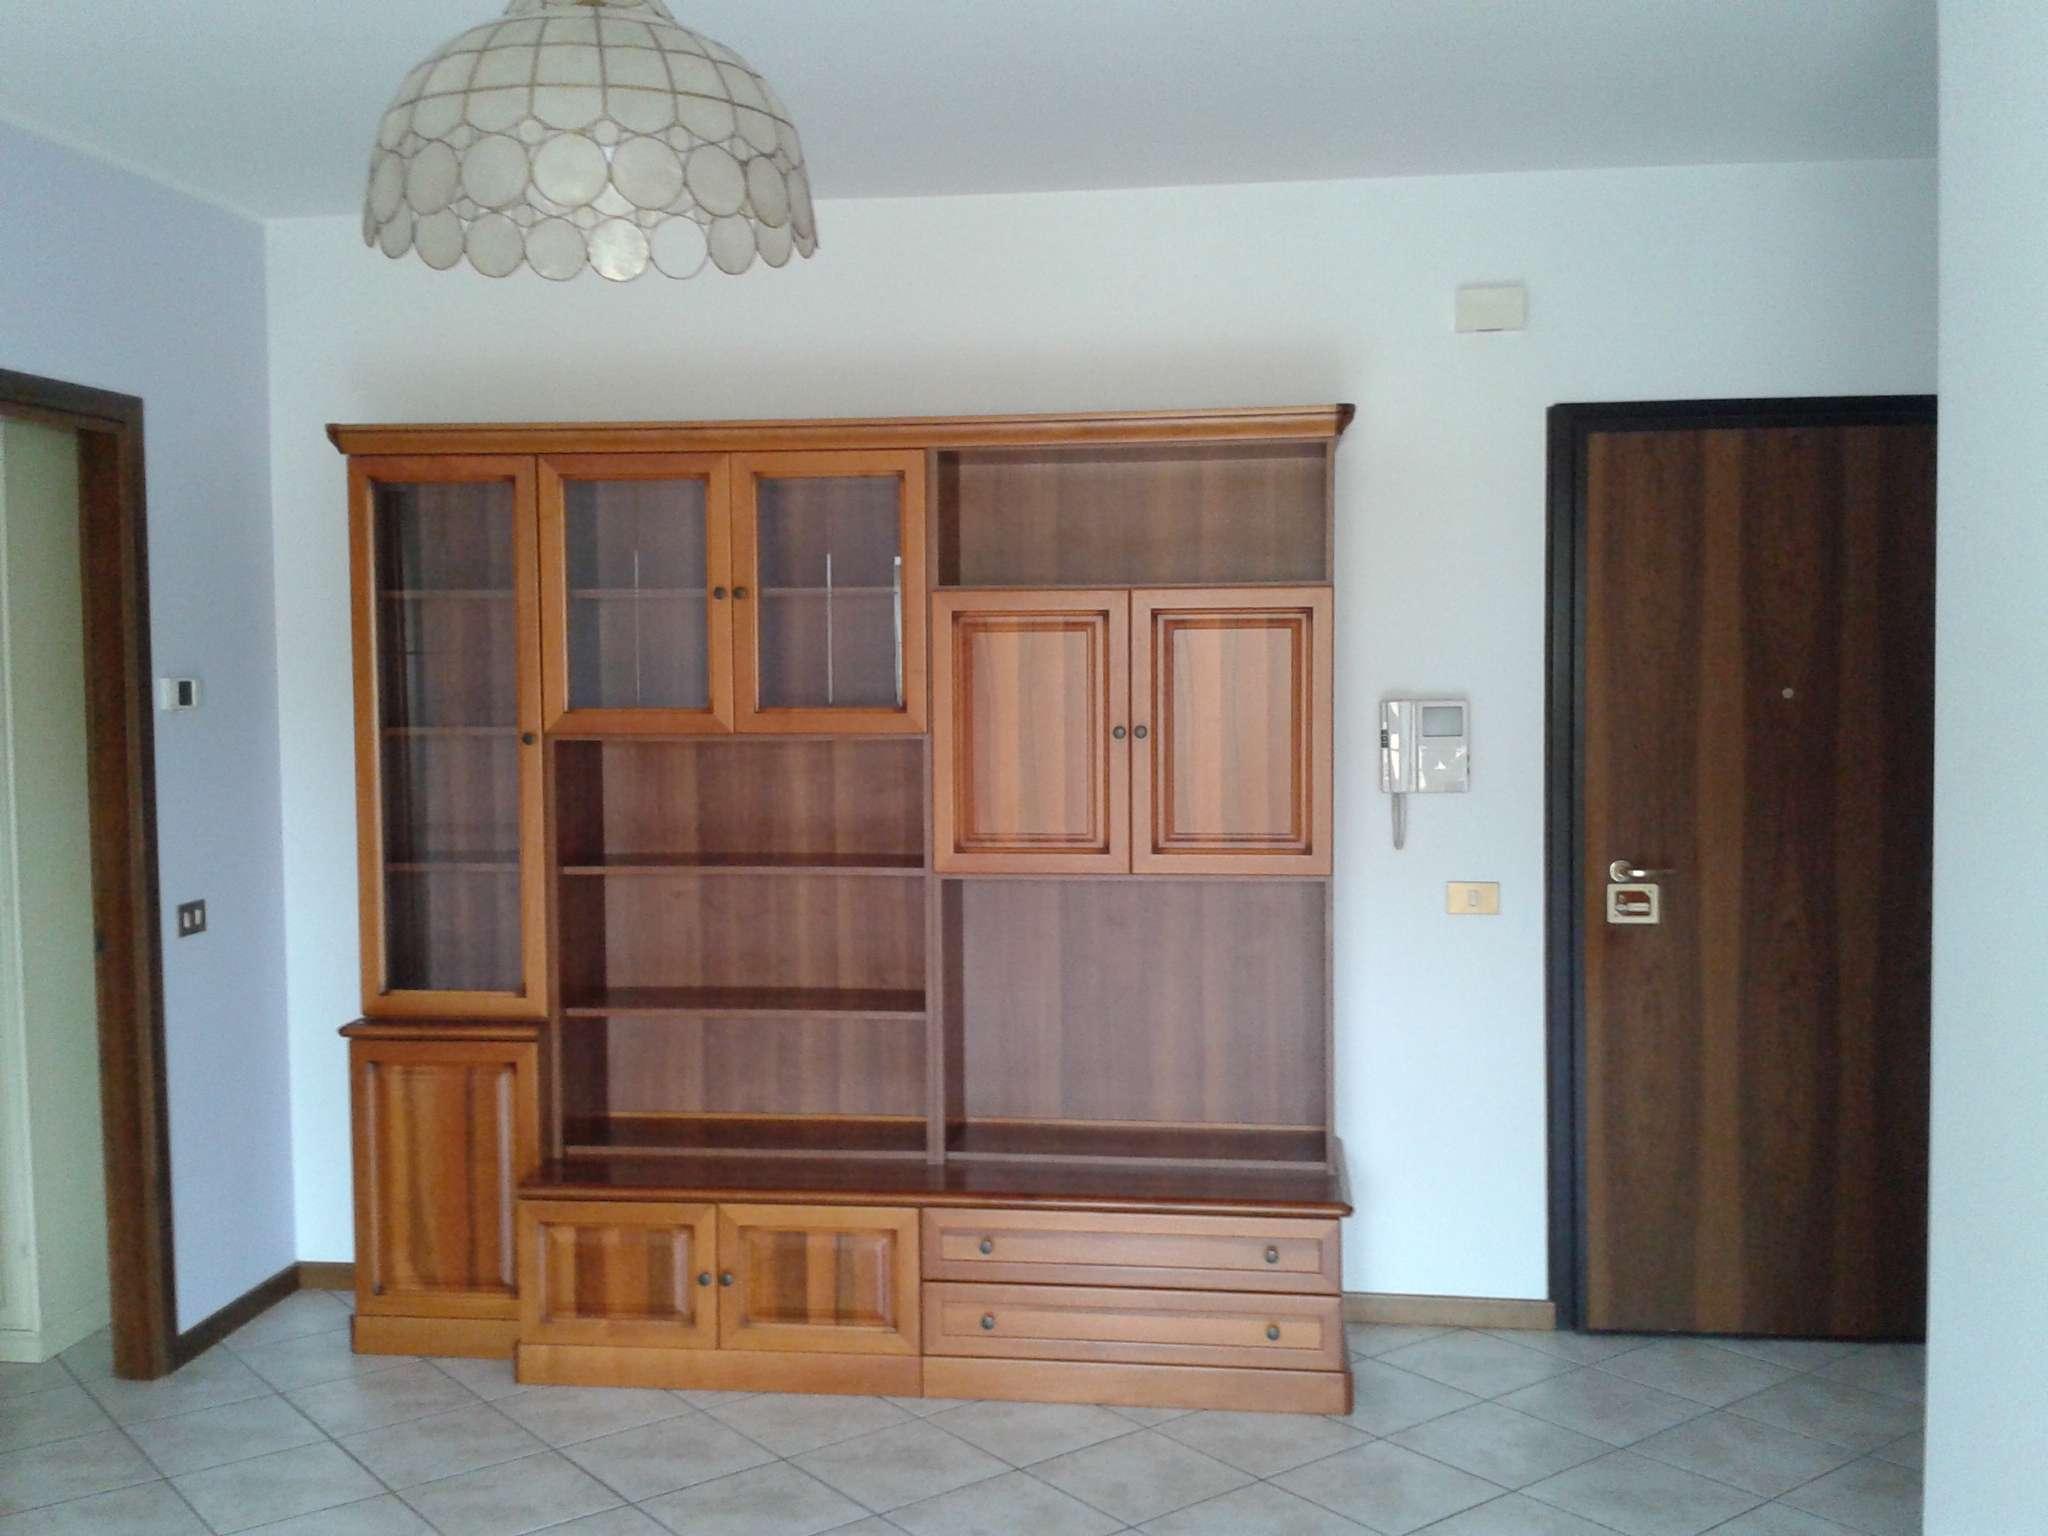 Appartamento in affitto a Maserà di Padova, 3 locali, prezzo € 500 | CambioCasa.it